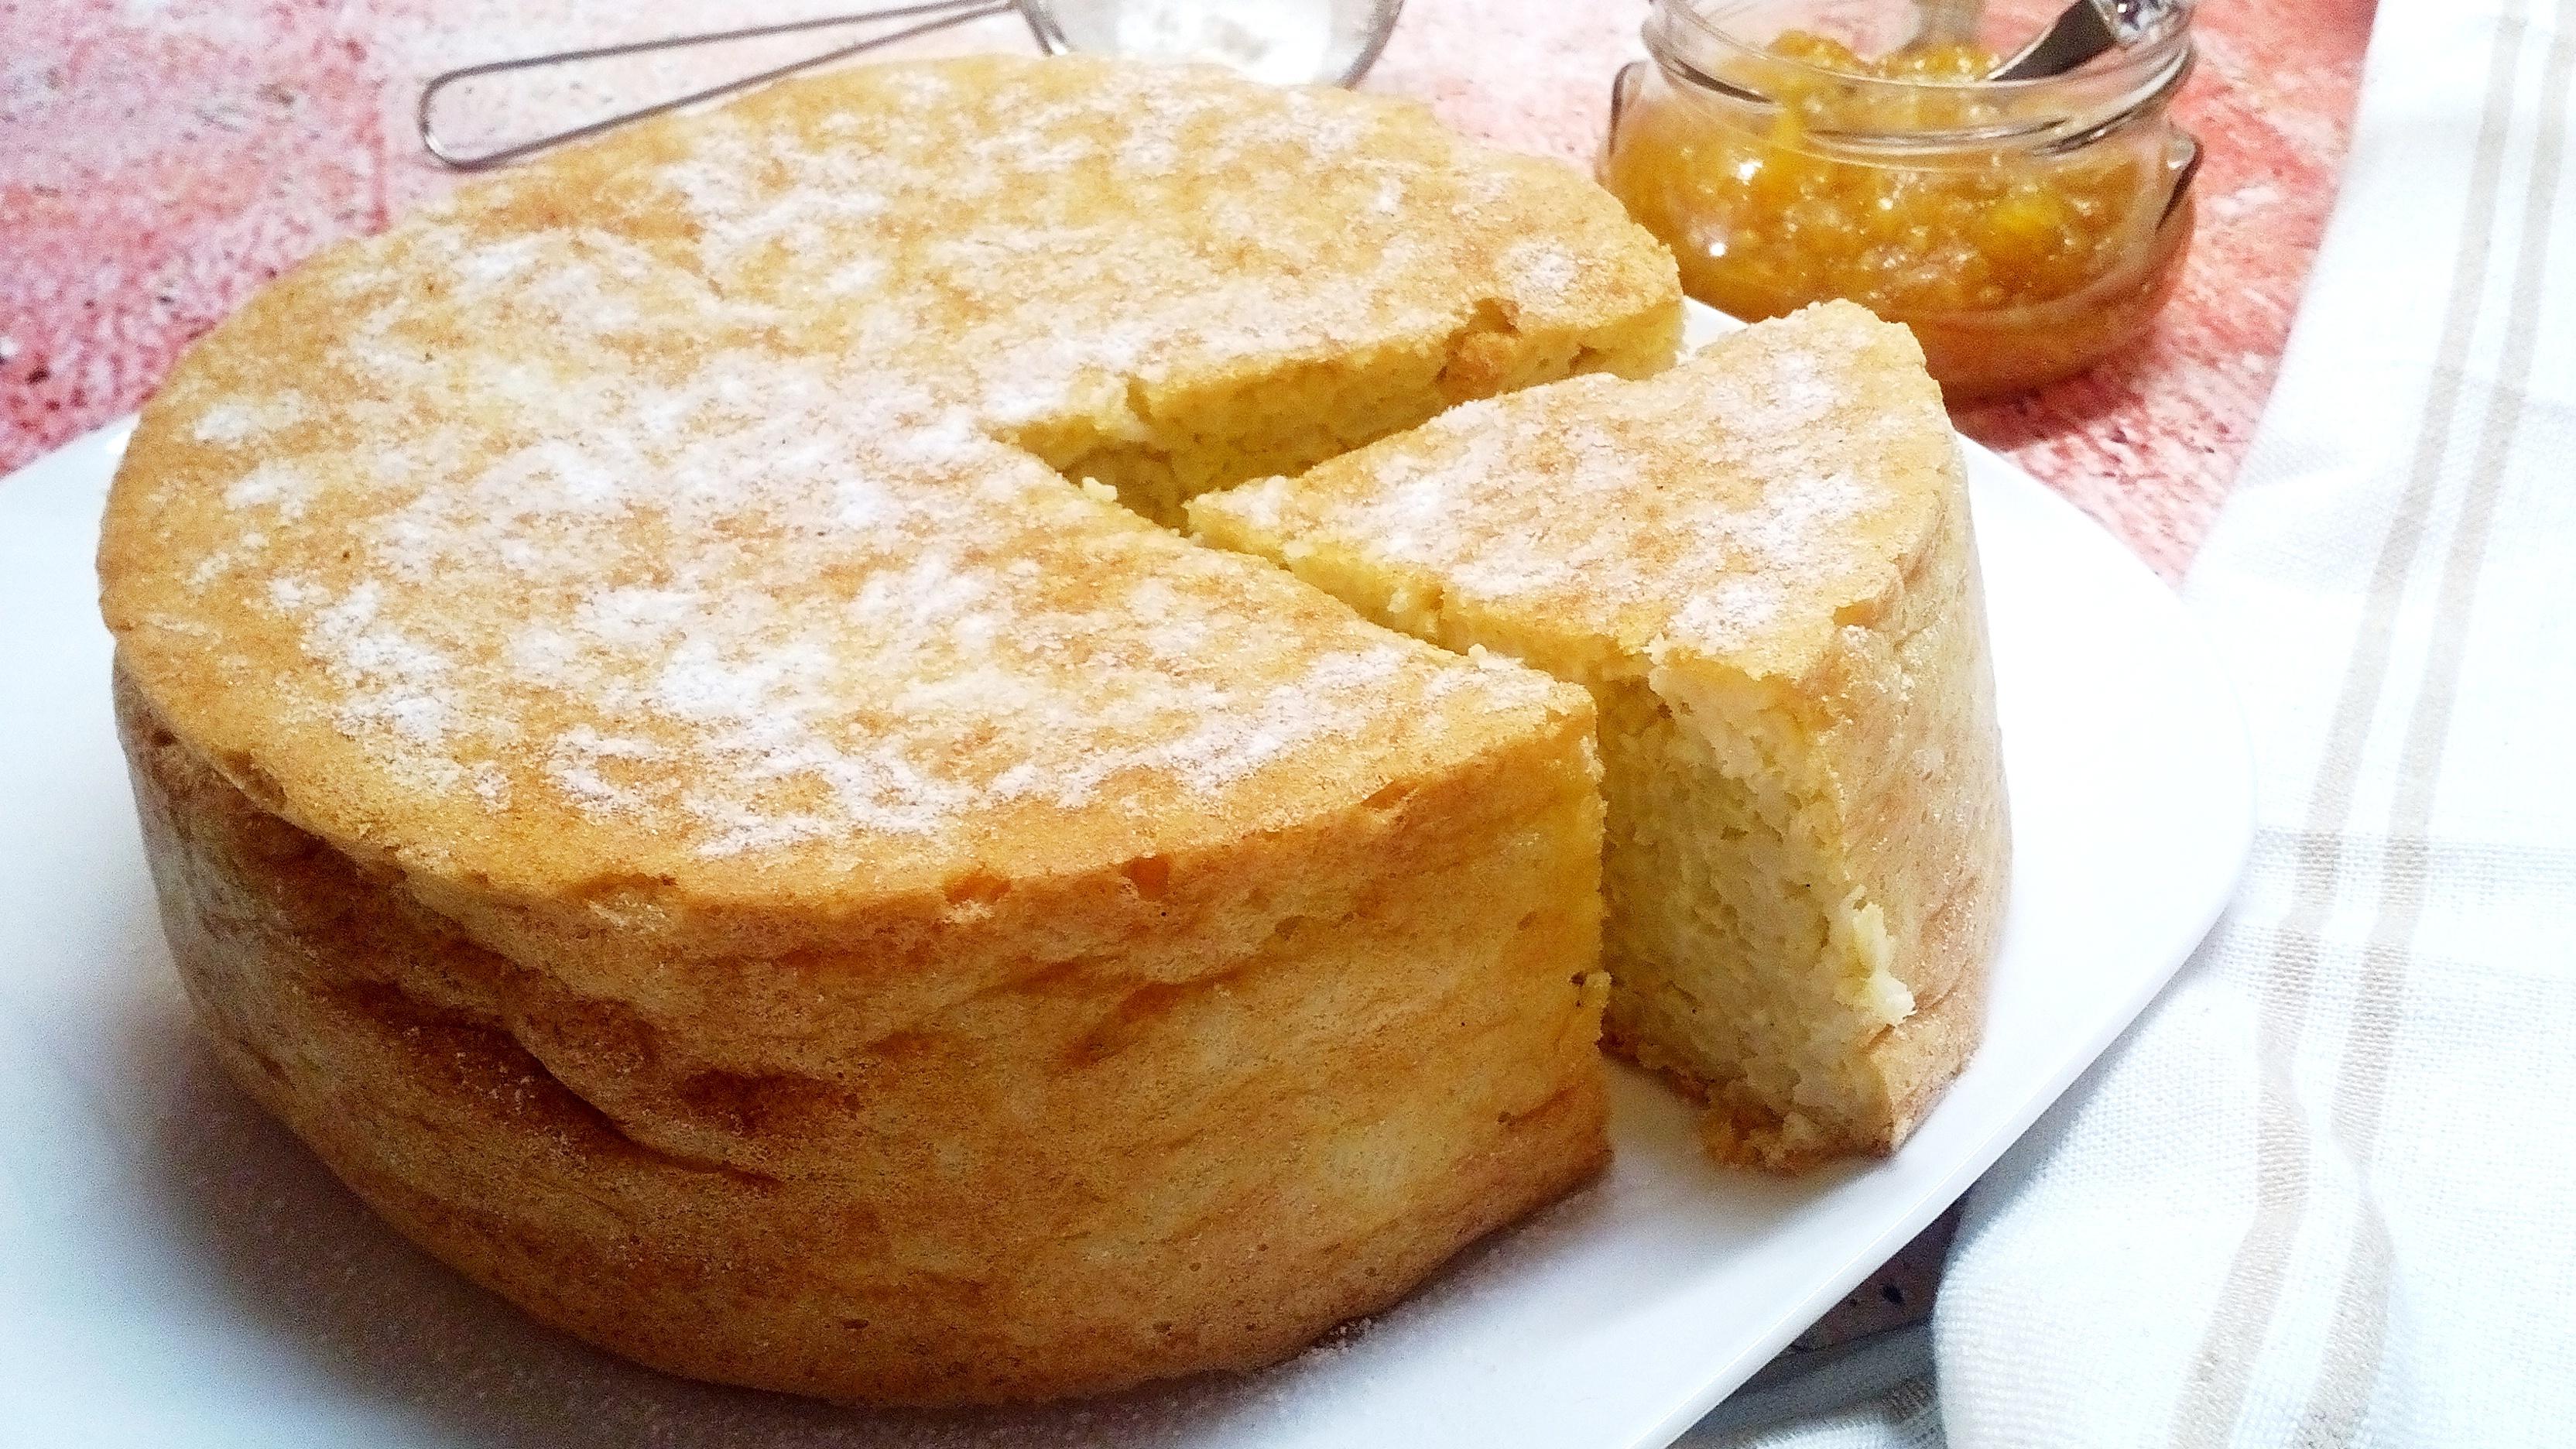 Diétás rizskoch (rizsfelfújt) recept cukor nélkül, basmati rizsből